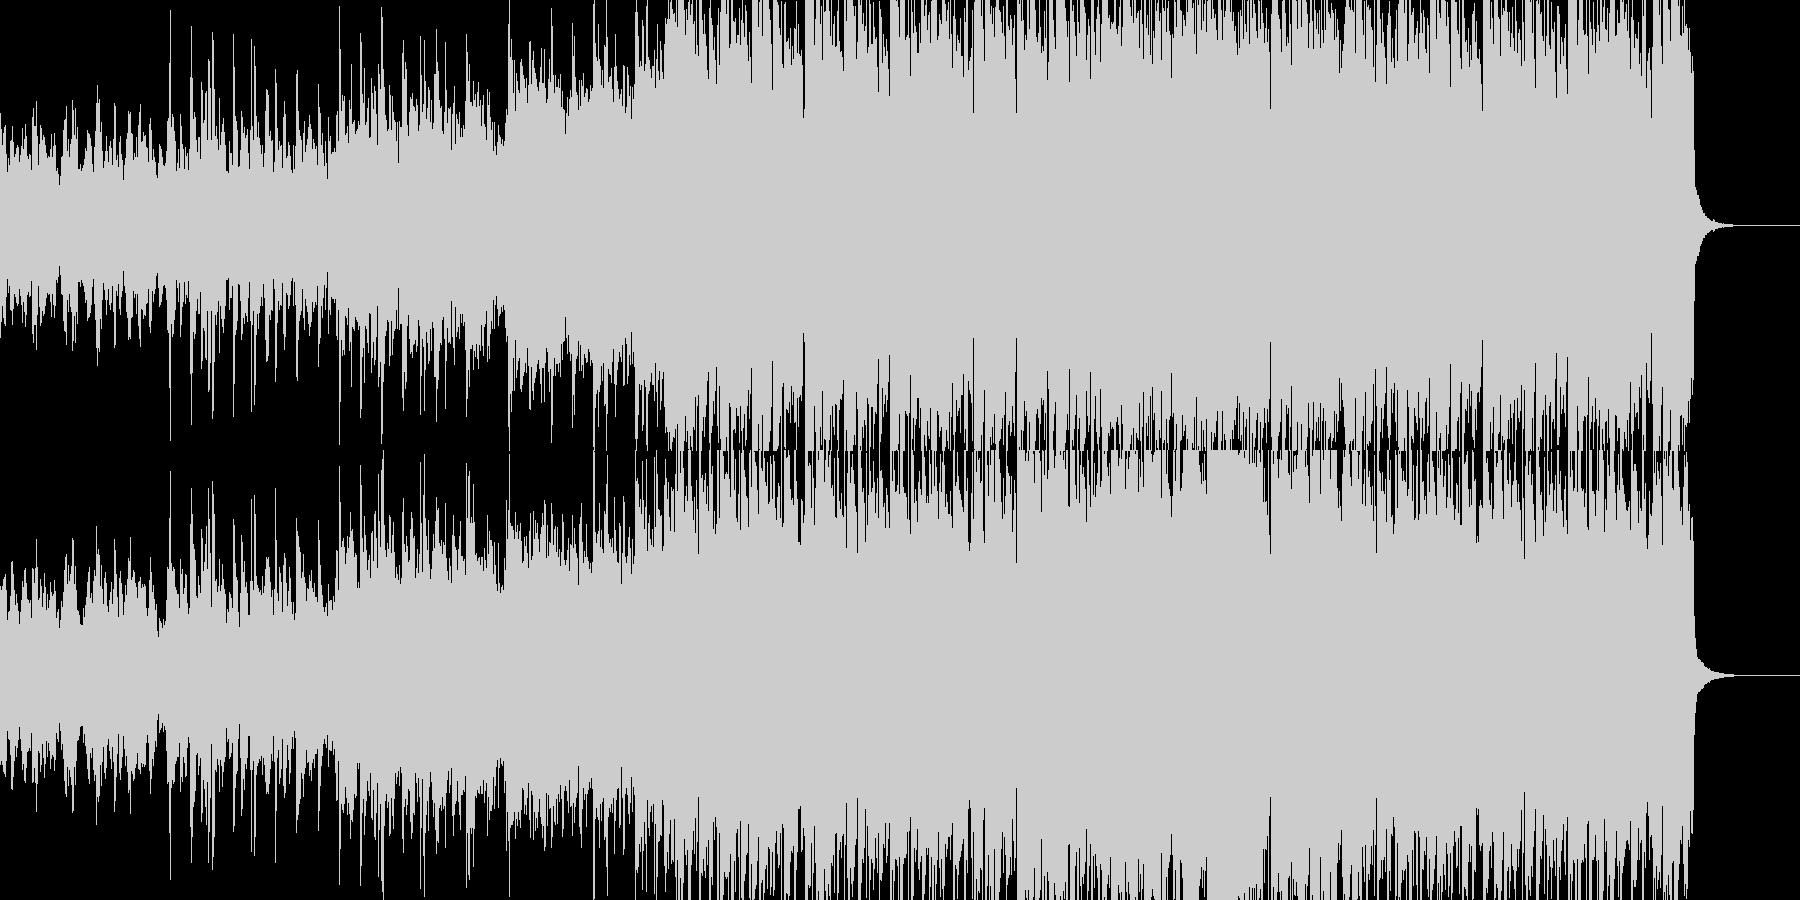 明るいケルト(アイリッシュ)音楽の未再生の波形